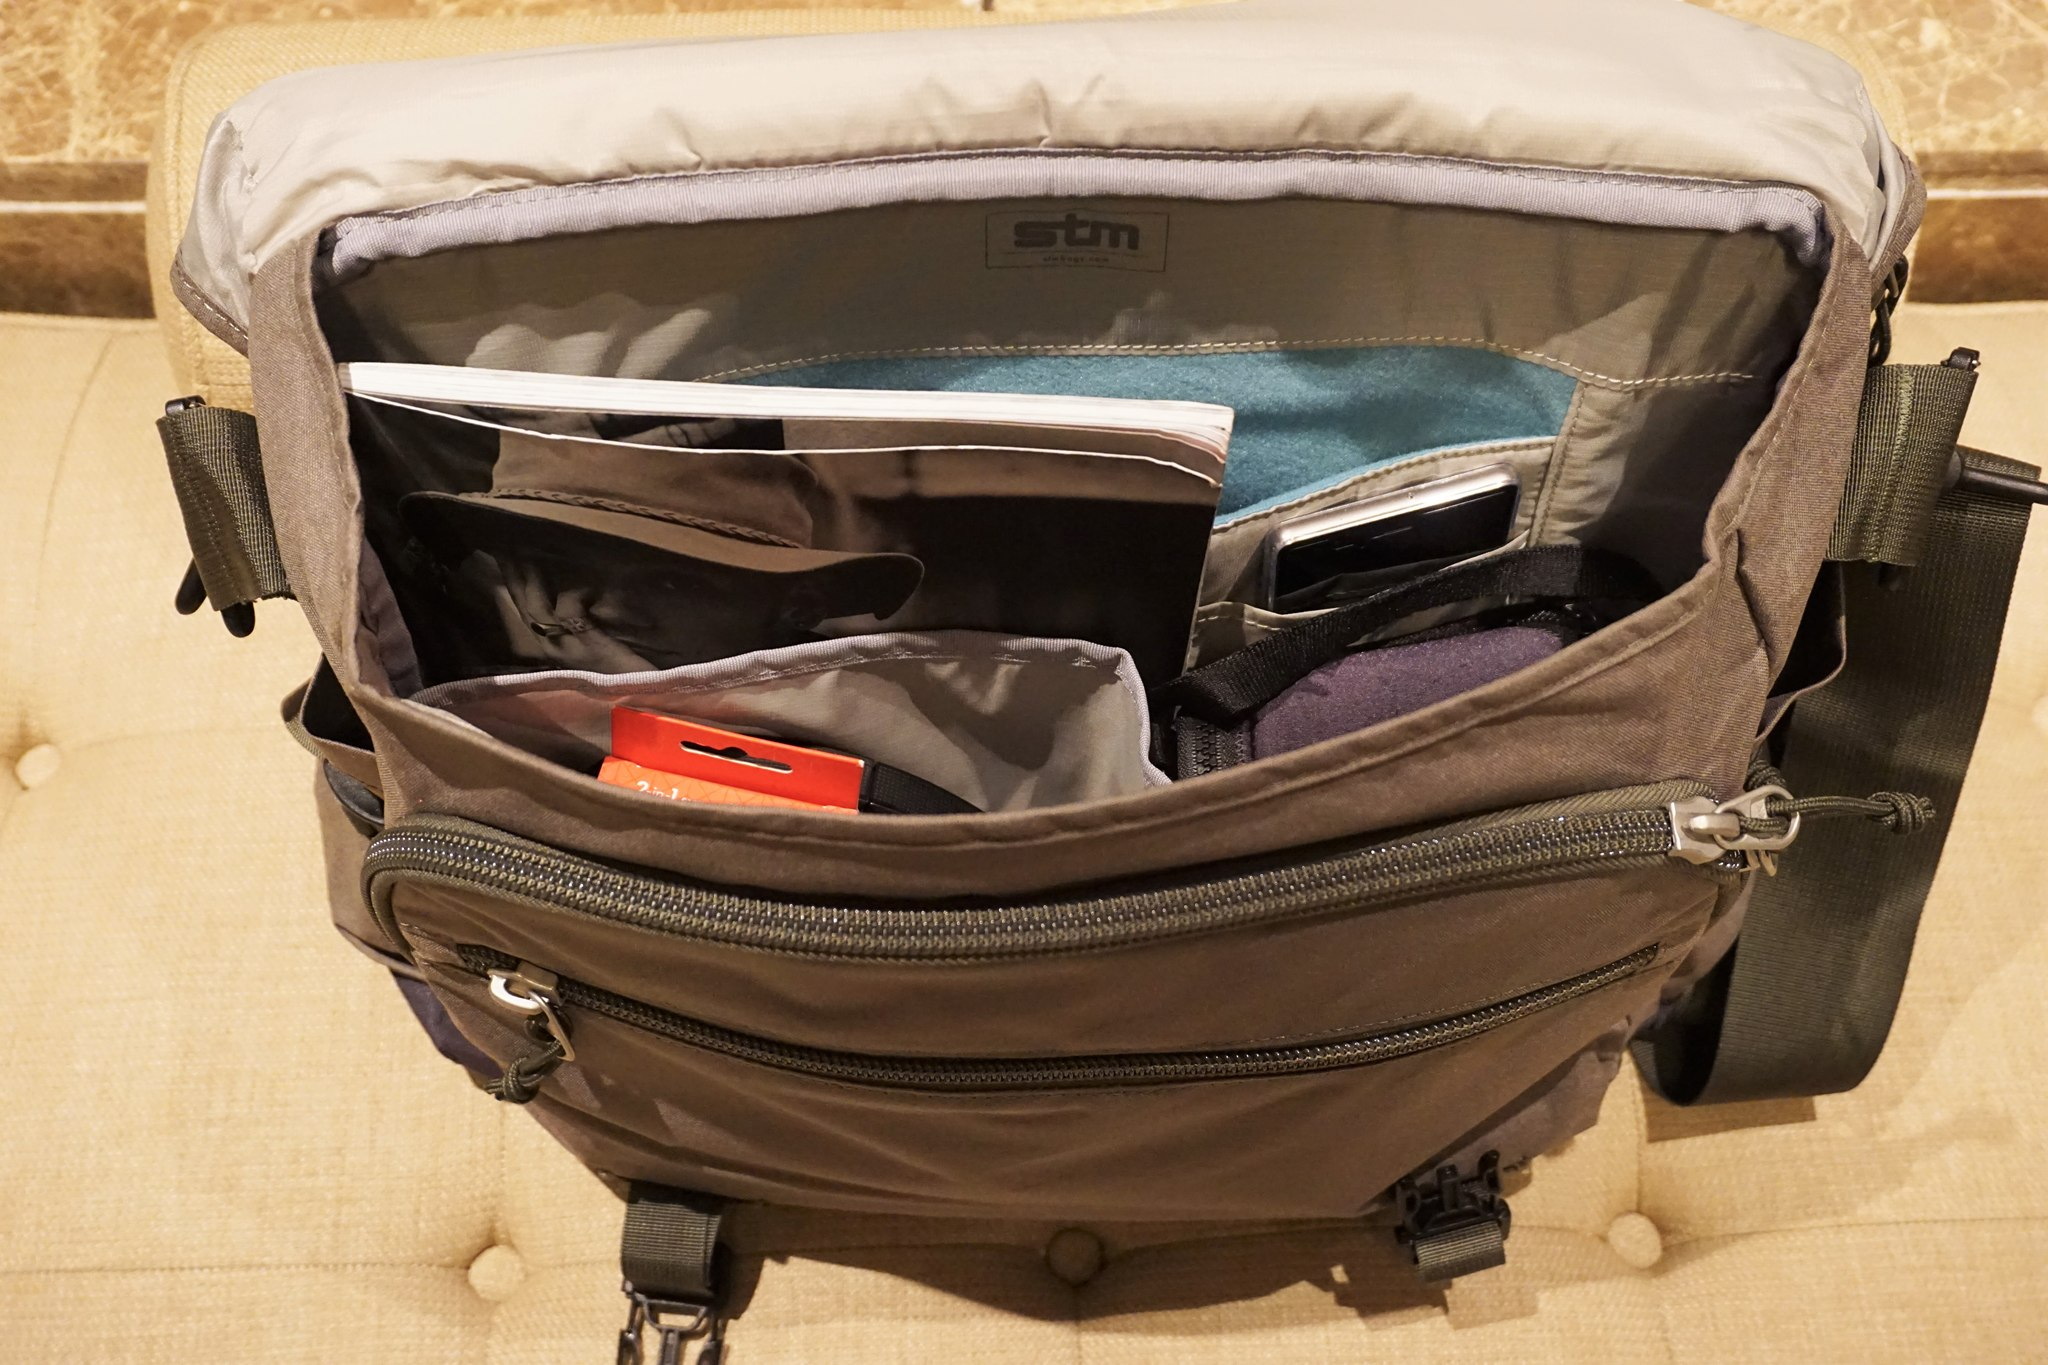 stm-trust-15-inch-laptop-messenger-bag-7